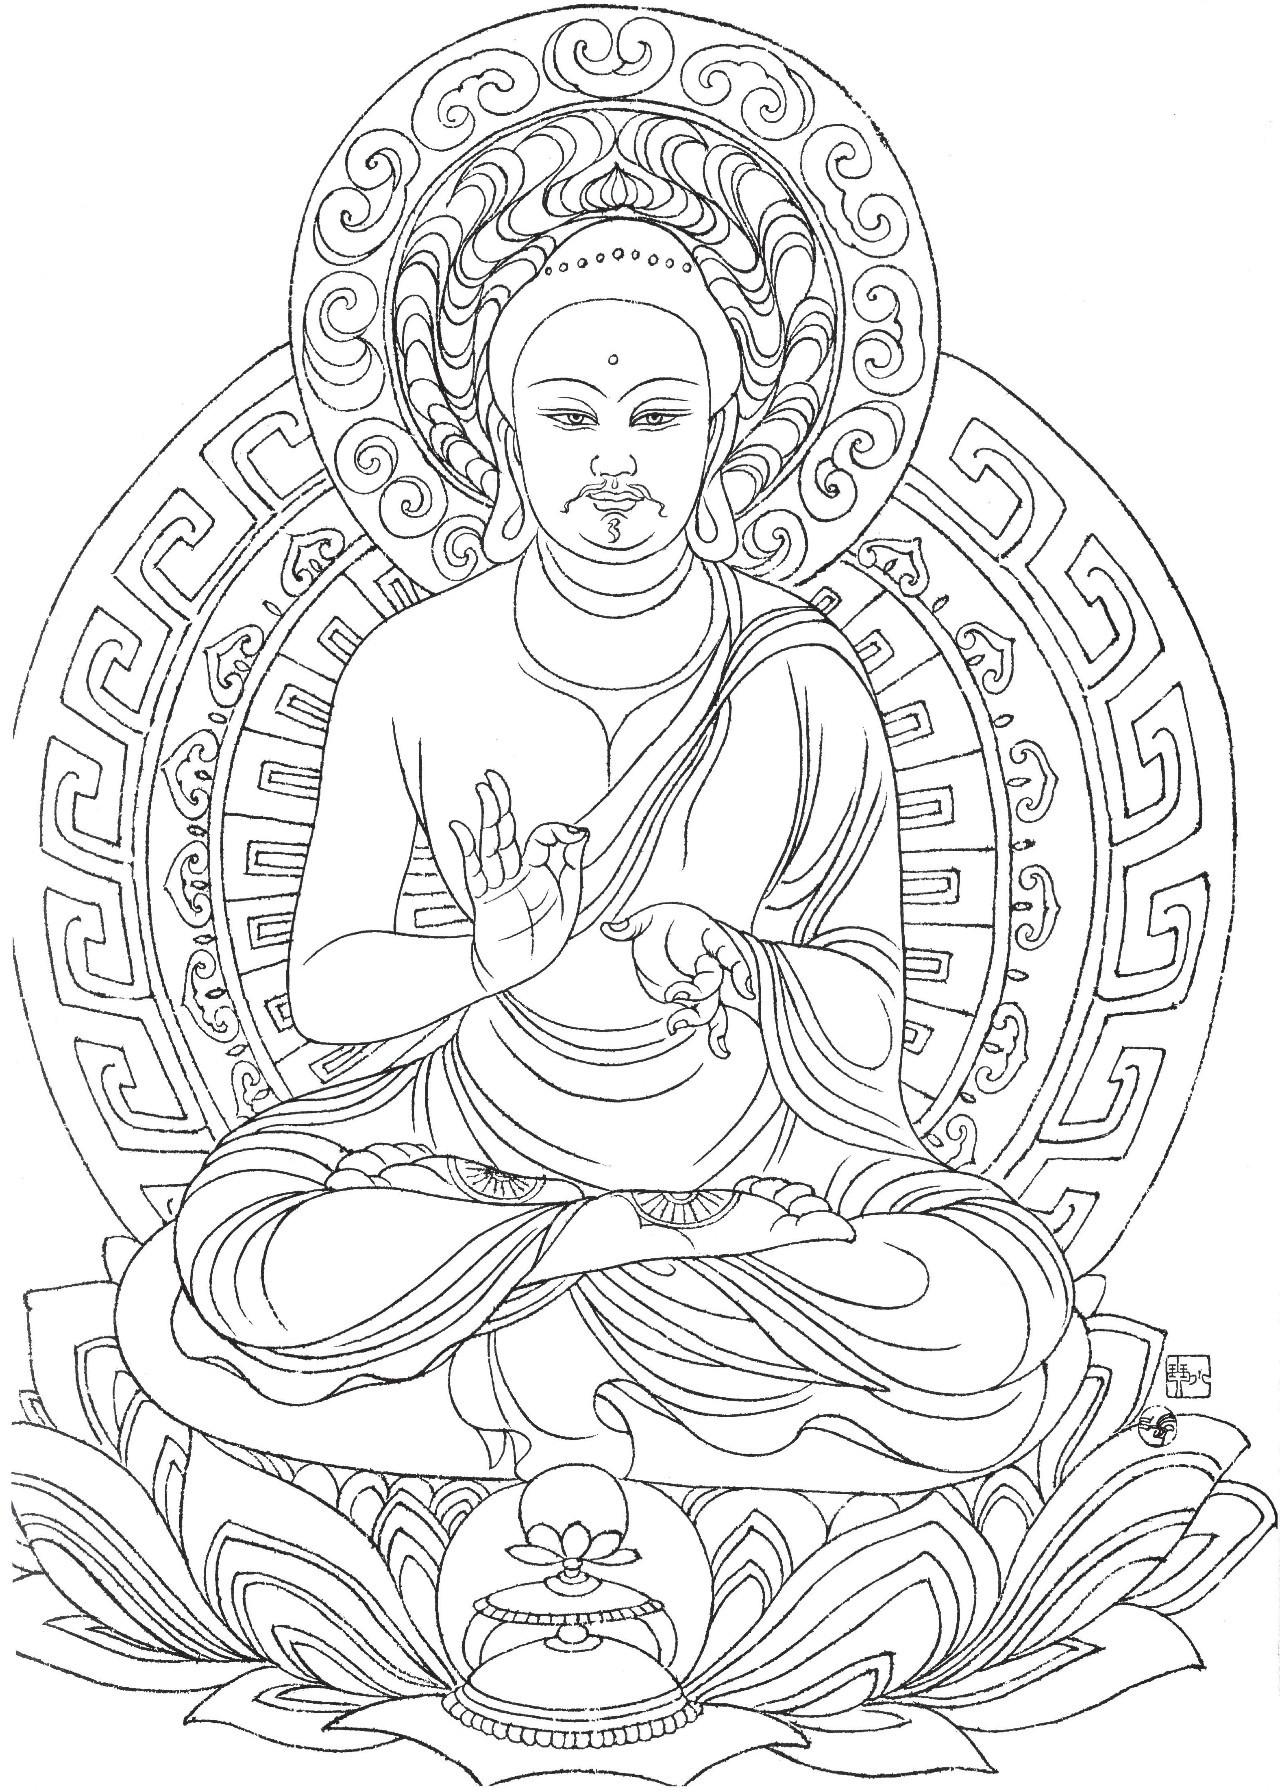 简笔画 设计 矢量 矢量图 手绘 素材 线稿 1280_1792 竖版 竖屏